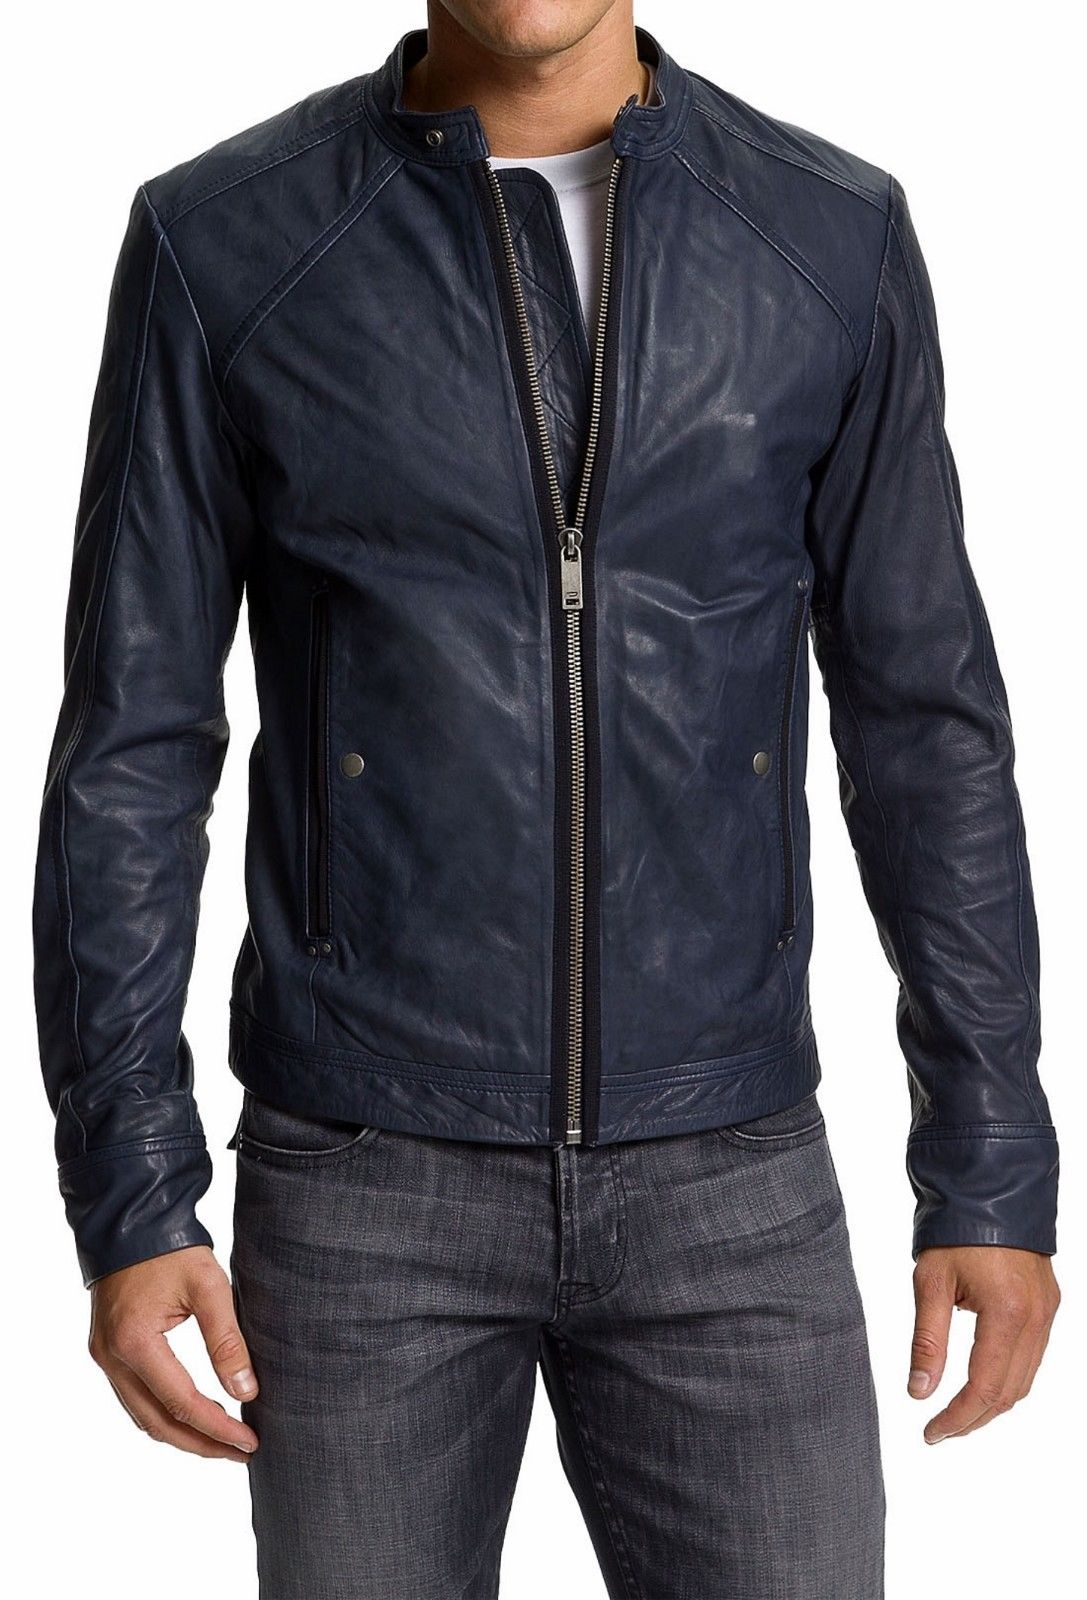 men navy blue biker jacket mens leather jacket blue